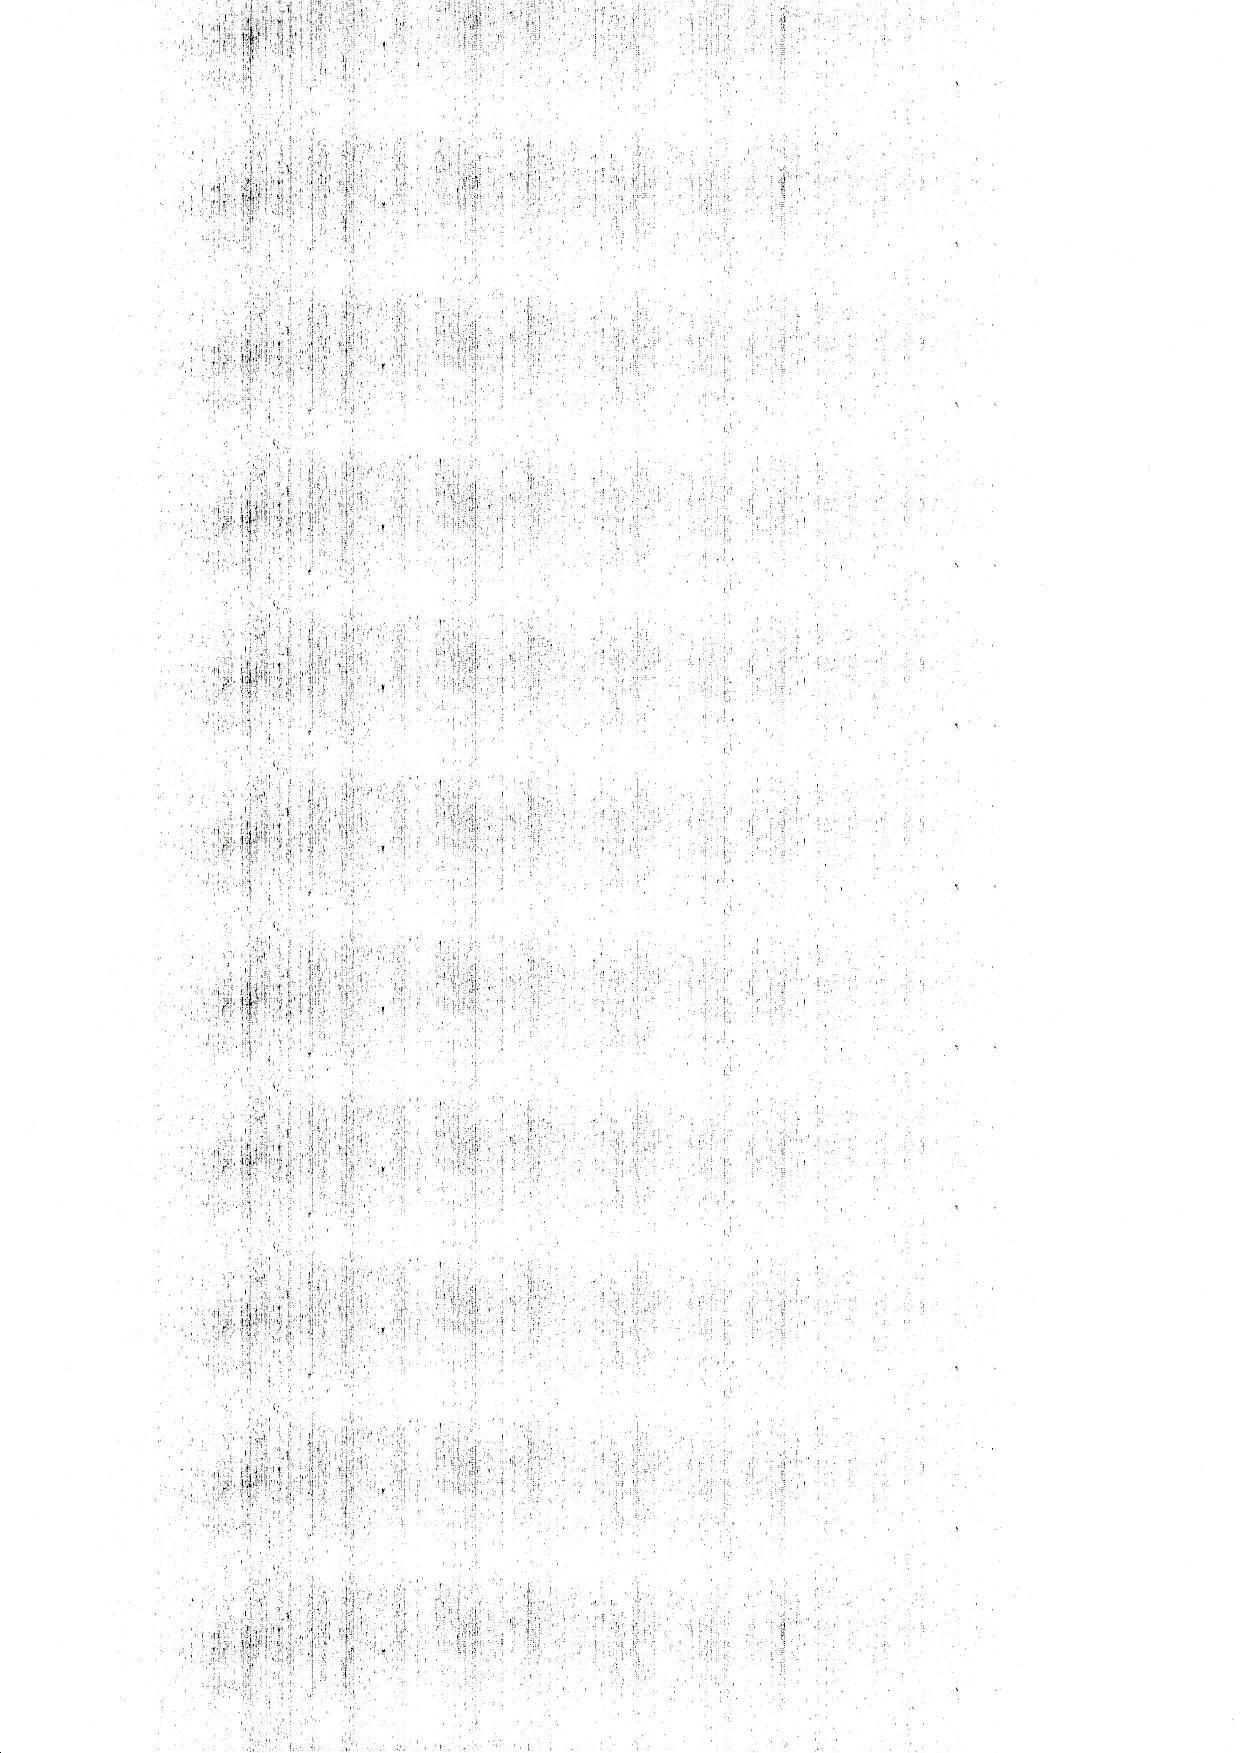 printer smears.jpg